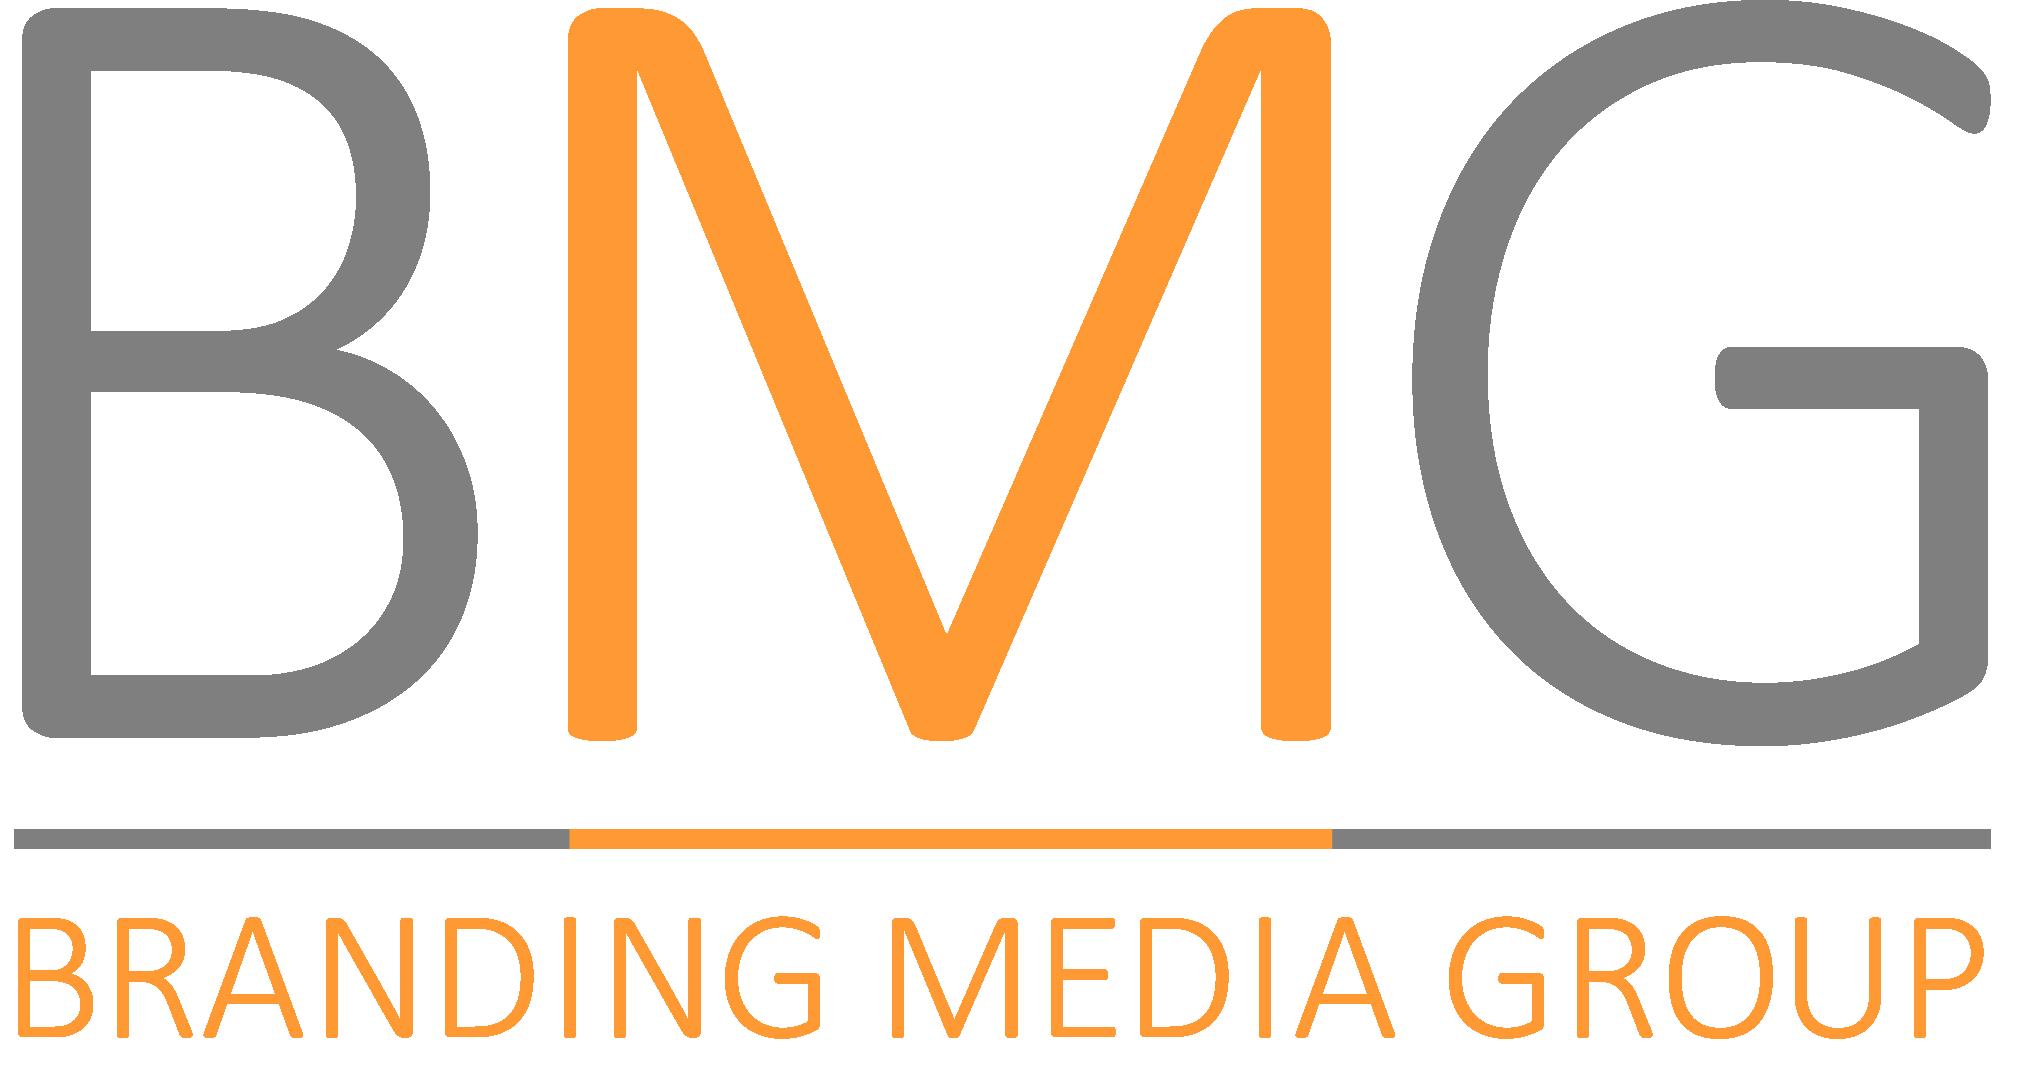 Branding Media Group